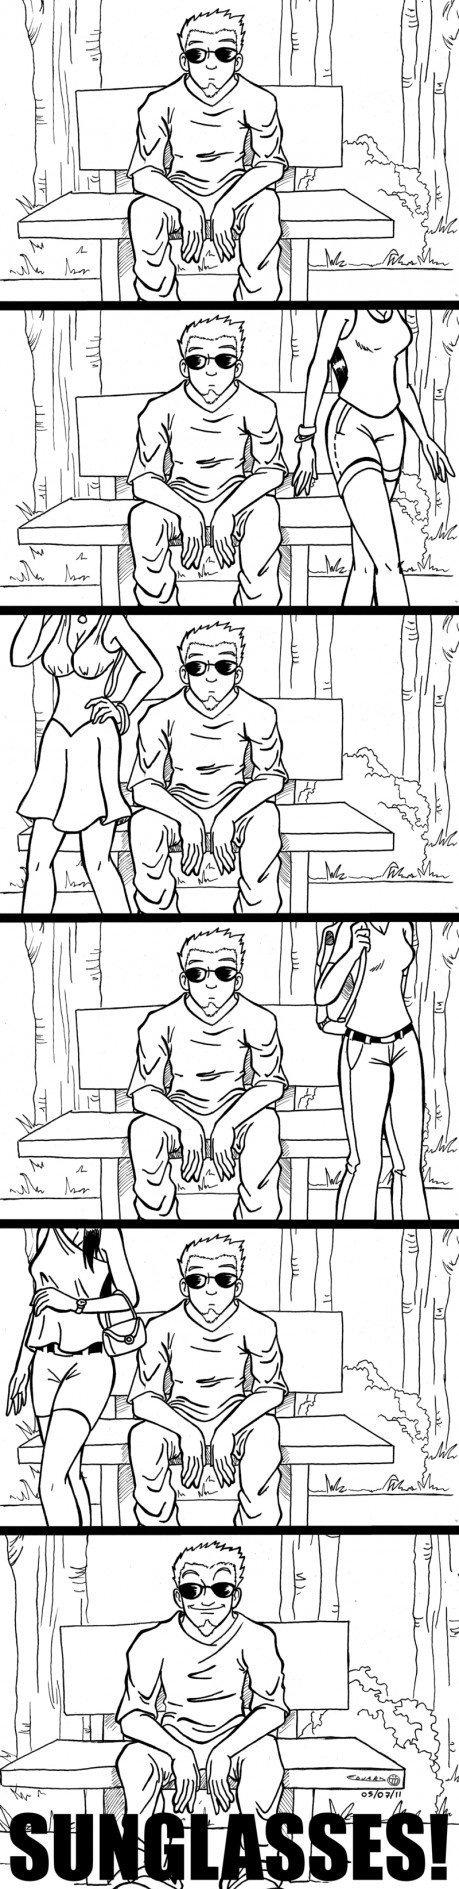 Sunglasses. . fisal ll. J l tru'. He looks oddly familiar... Sunglasses fisal ll J l tru' He looks oddly familiar